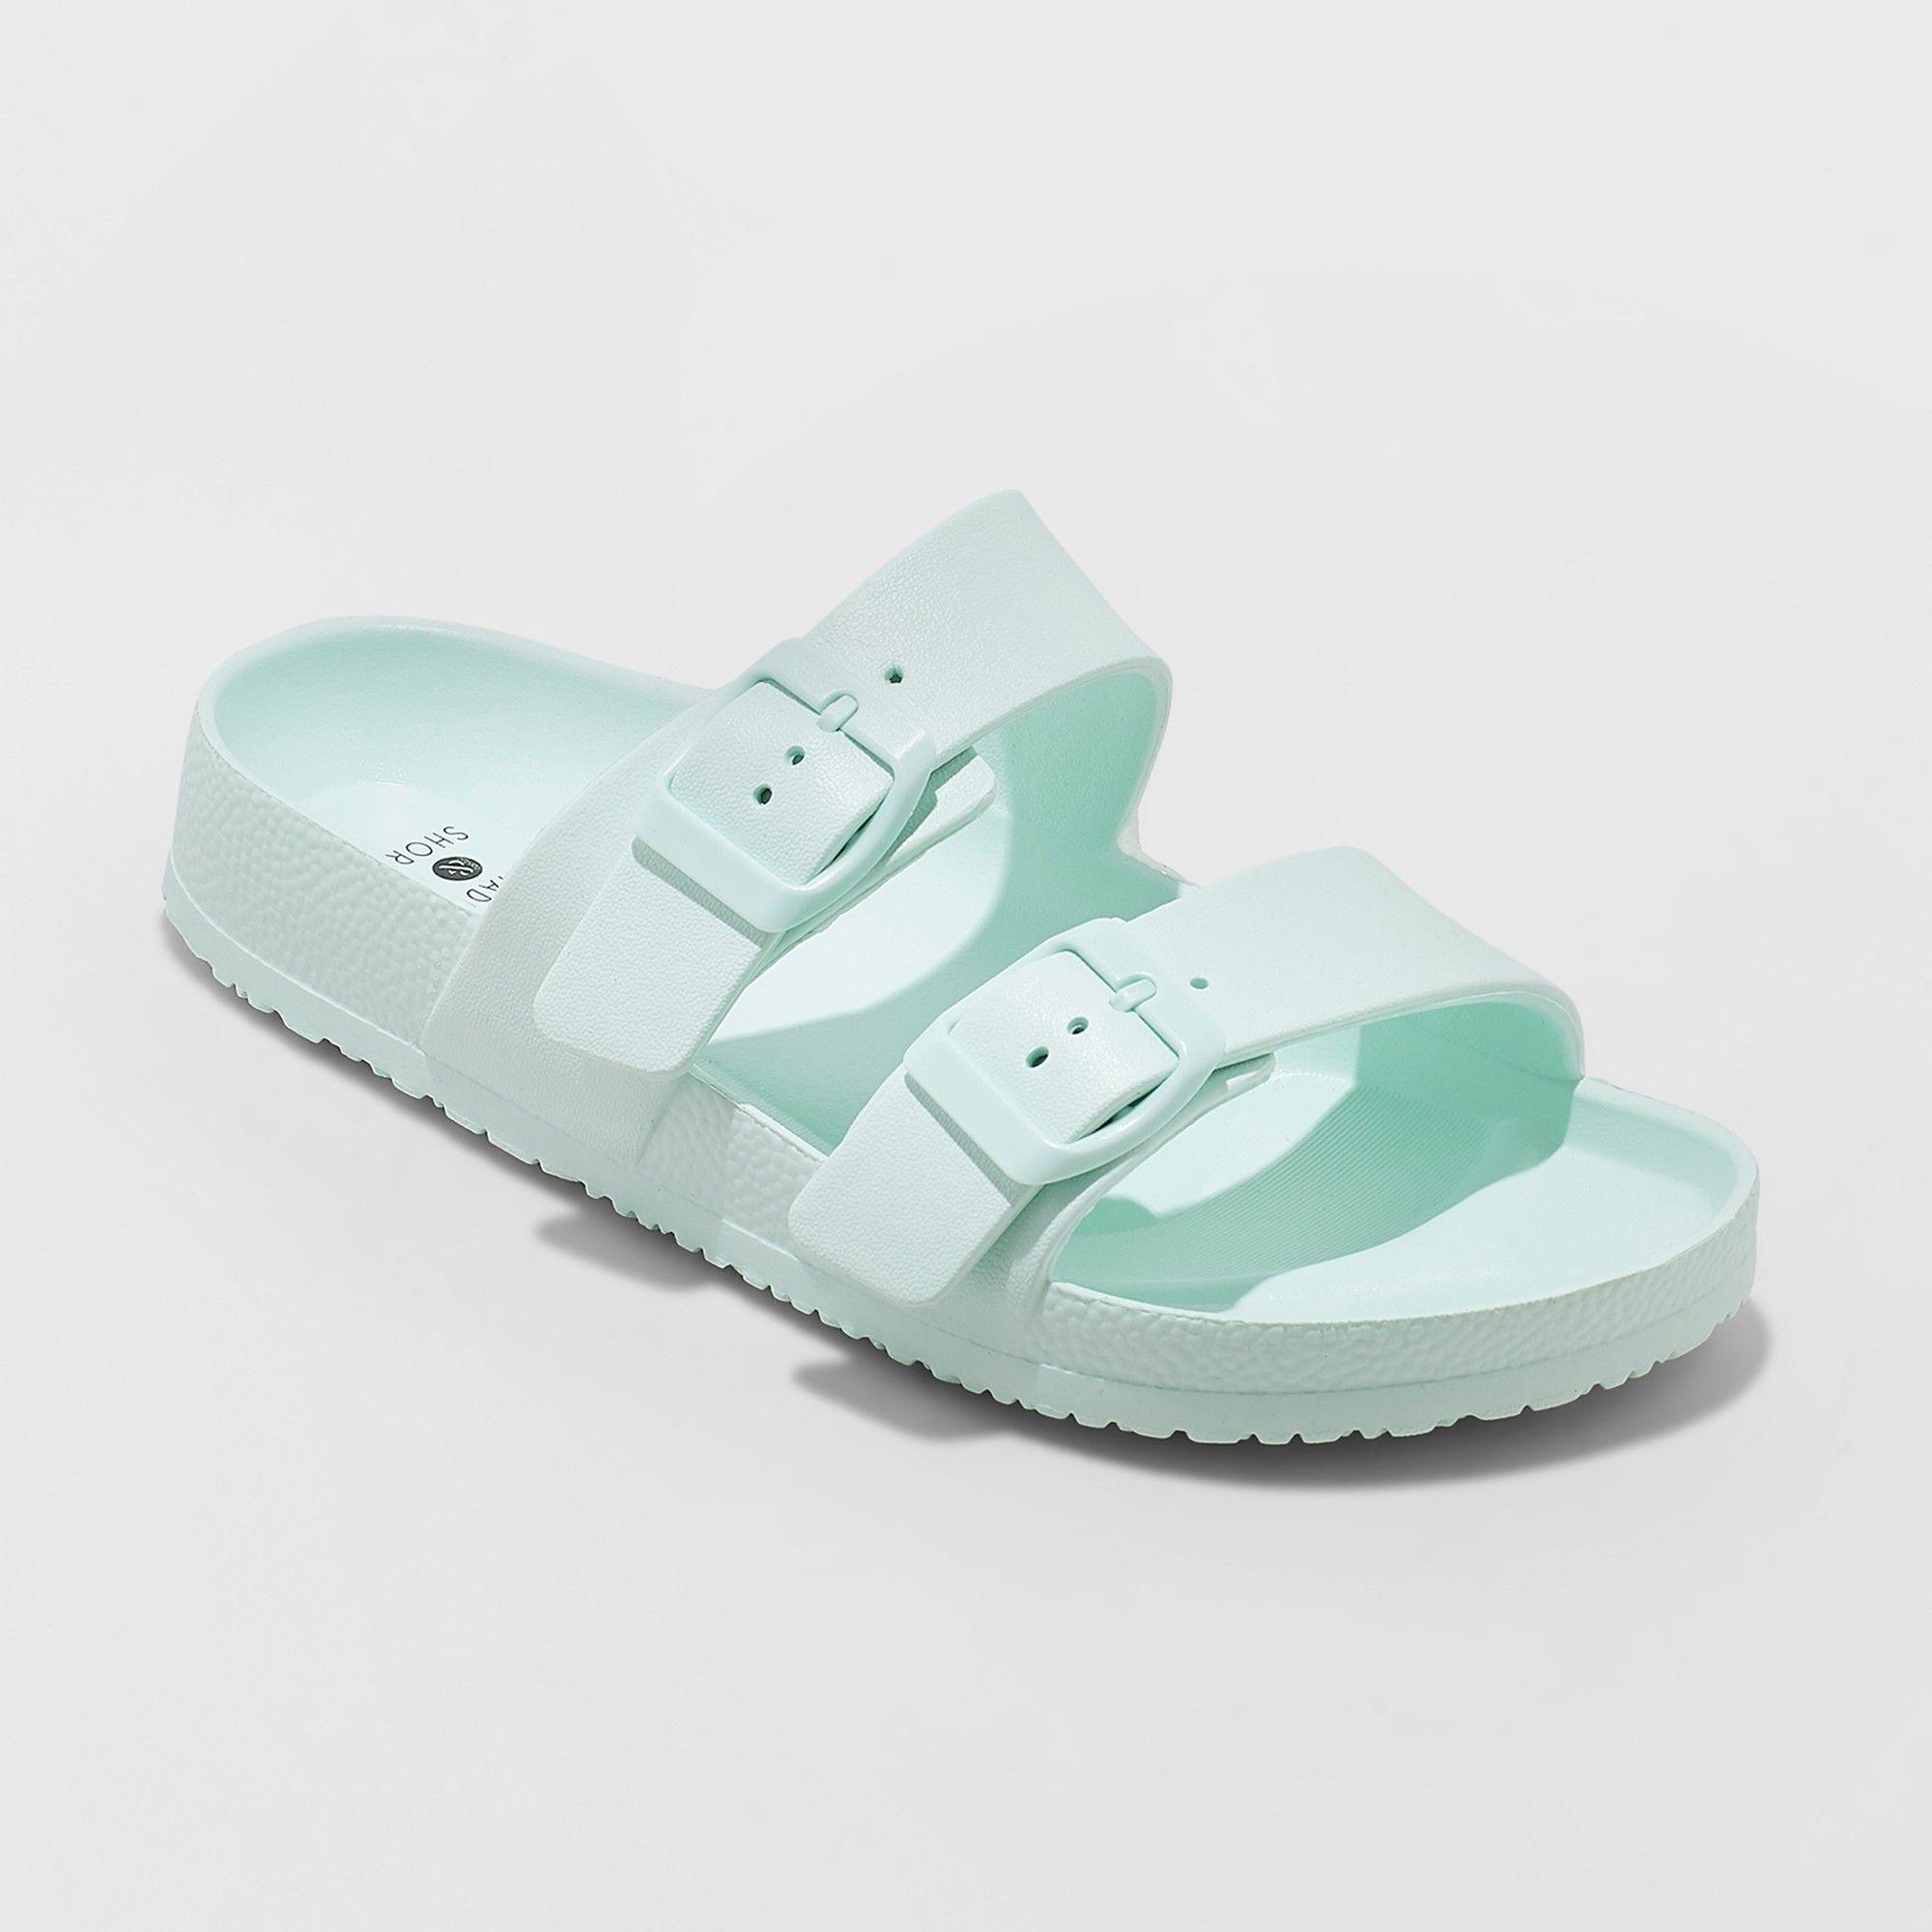 nike slippers mint green